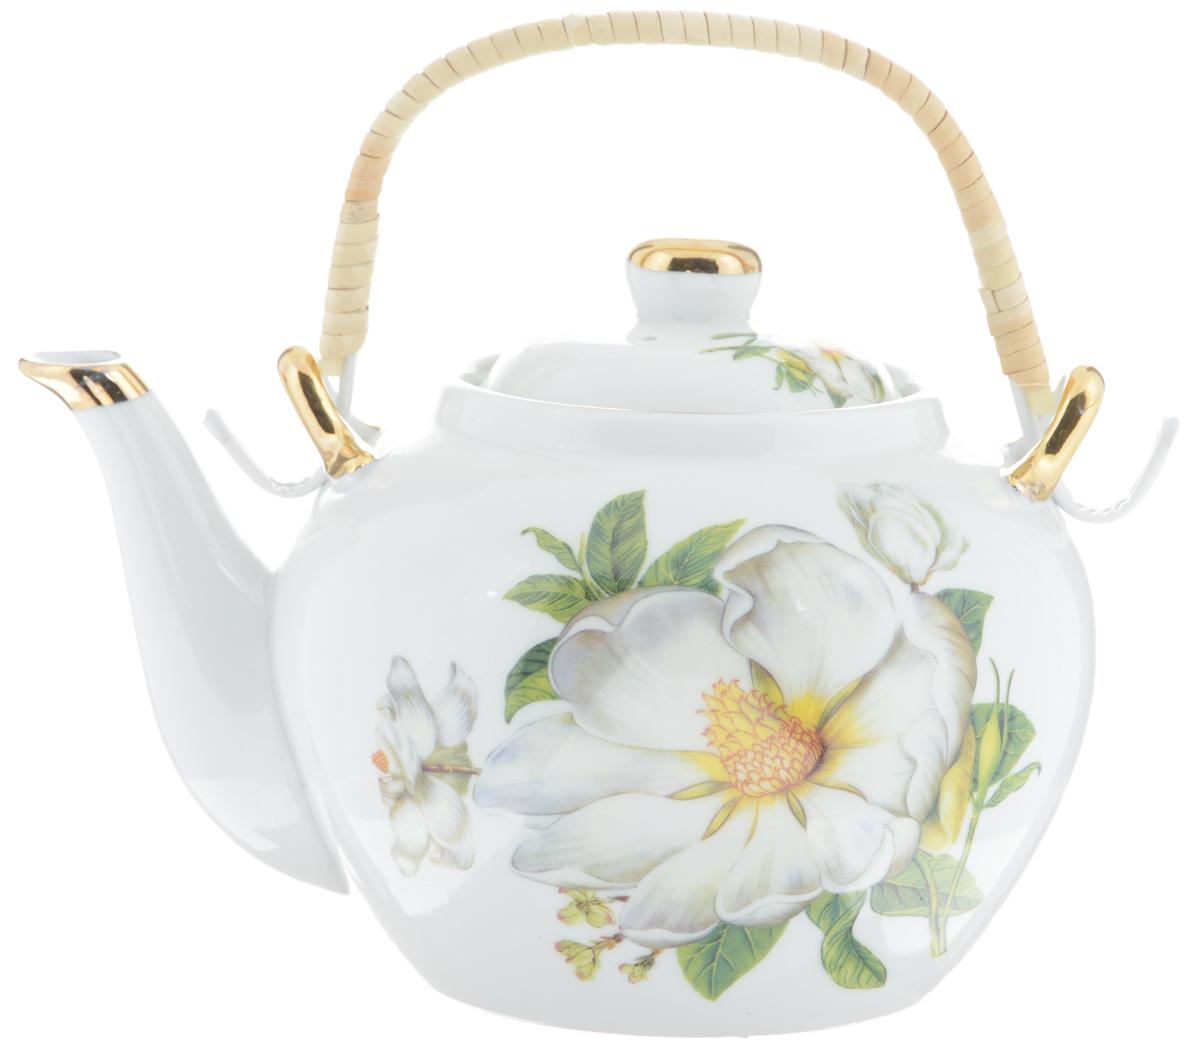 Чайник заварочный Loraine, с фильтром, 1 л. 2113321133Заварочный чайник Loraine изготовлен из высококачественной керамики и дополненметаллическим фильтром. Он имеет изящную форму и декорирован нежным цветочным рисунком.Чайник сочетает в себе стильный дизайн с максимальной функциональностью. Красочностьоформления придется по вкусу и ценителям классики, и тем, кто предпочитает утонченность иизысканность.Чайник упакован в подарочную коробку из плотного картона. Внутренняя часть коробкизадрапирована атласом, и чайник надежно крепится в определенном положении благодаряособым выемкам в коробке.Высота чайника (без учета ручки и крышки ): 12 см.Диаметр (по верхнему краю): 8,5 см.Высота чайника (с учетом ручки и крышки): 21 см.